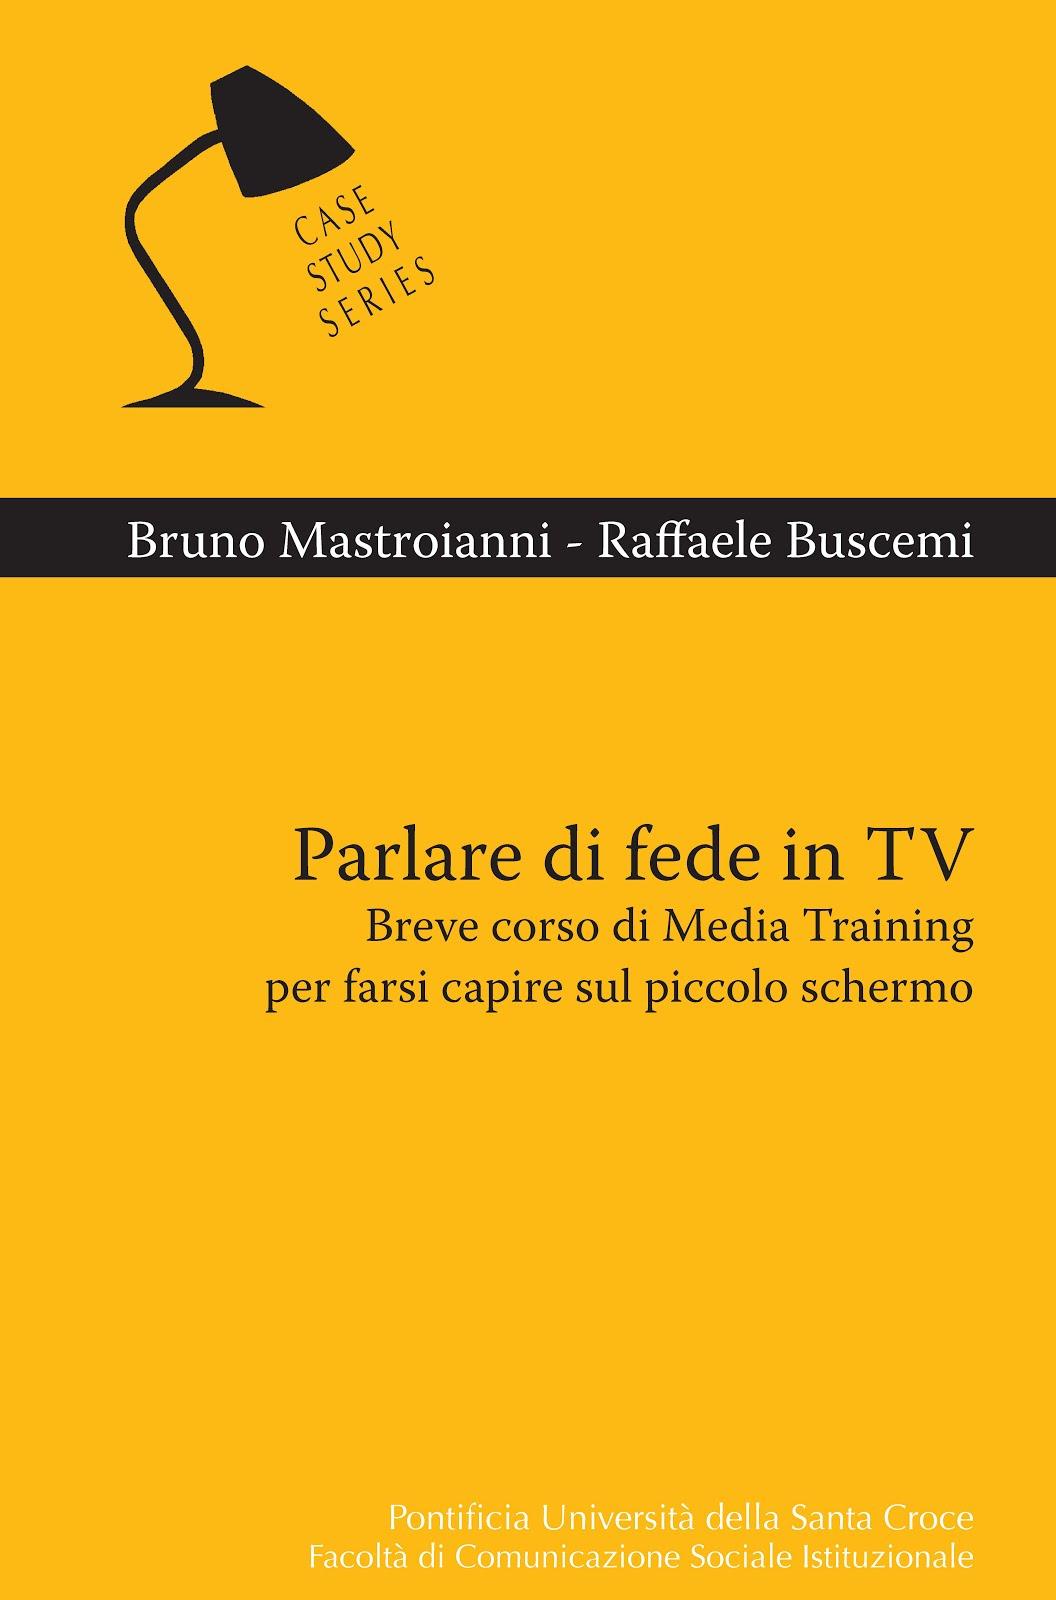 Parlare di fede in Tv